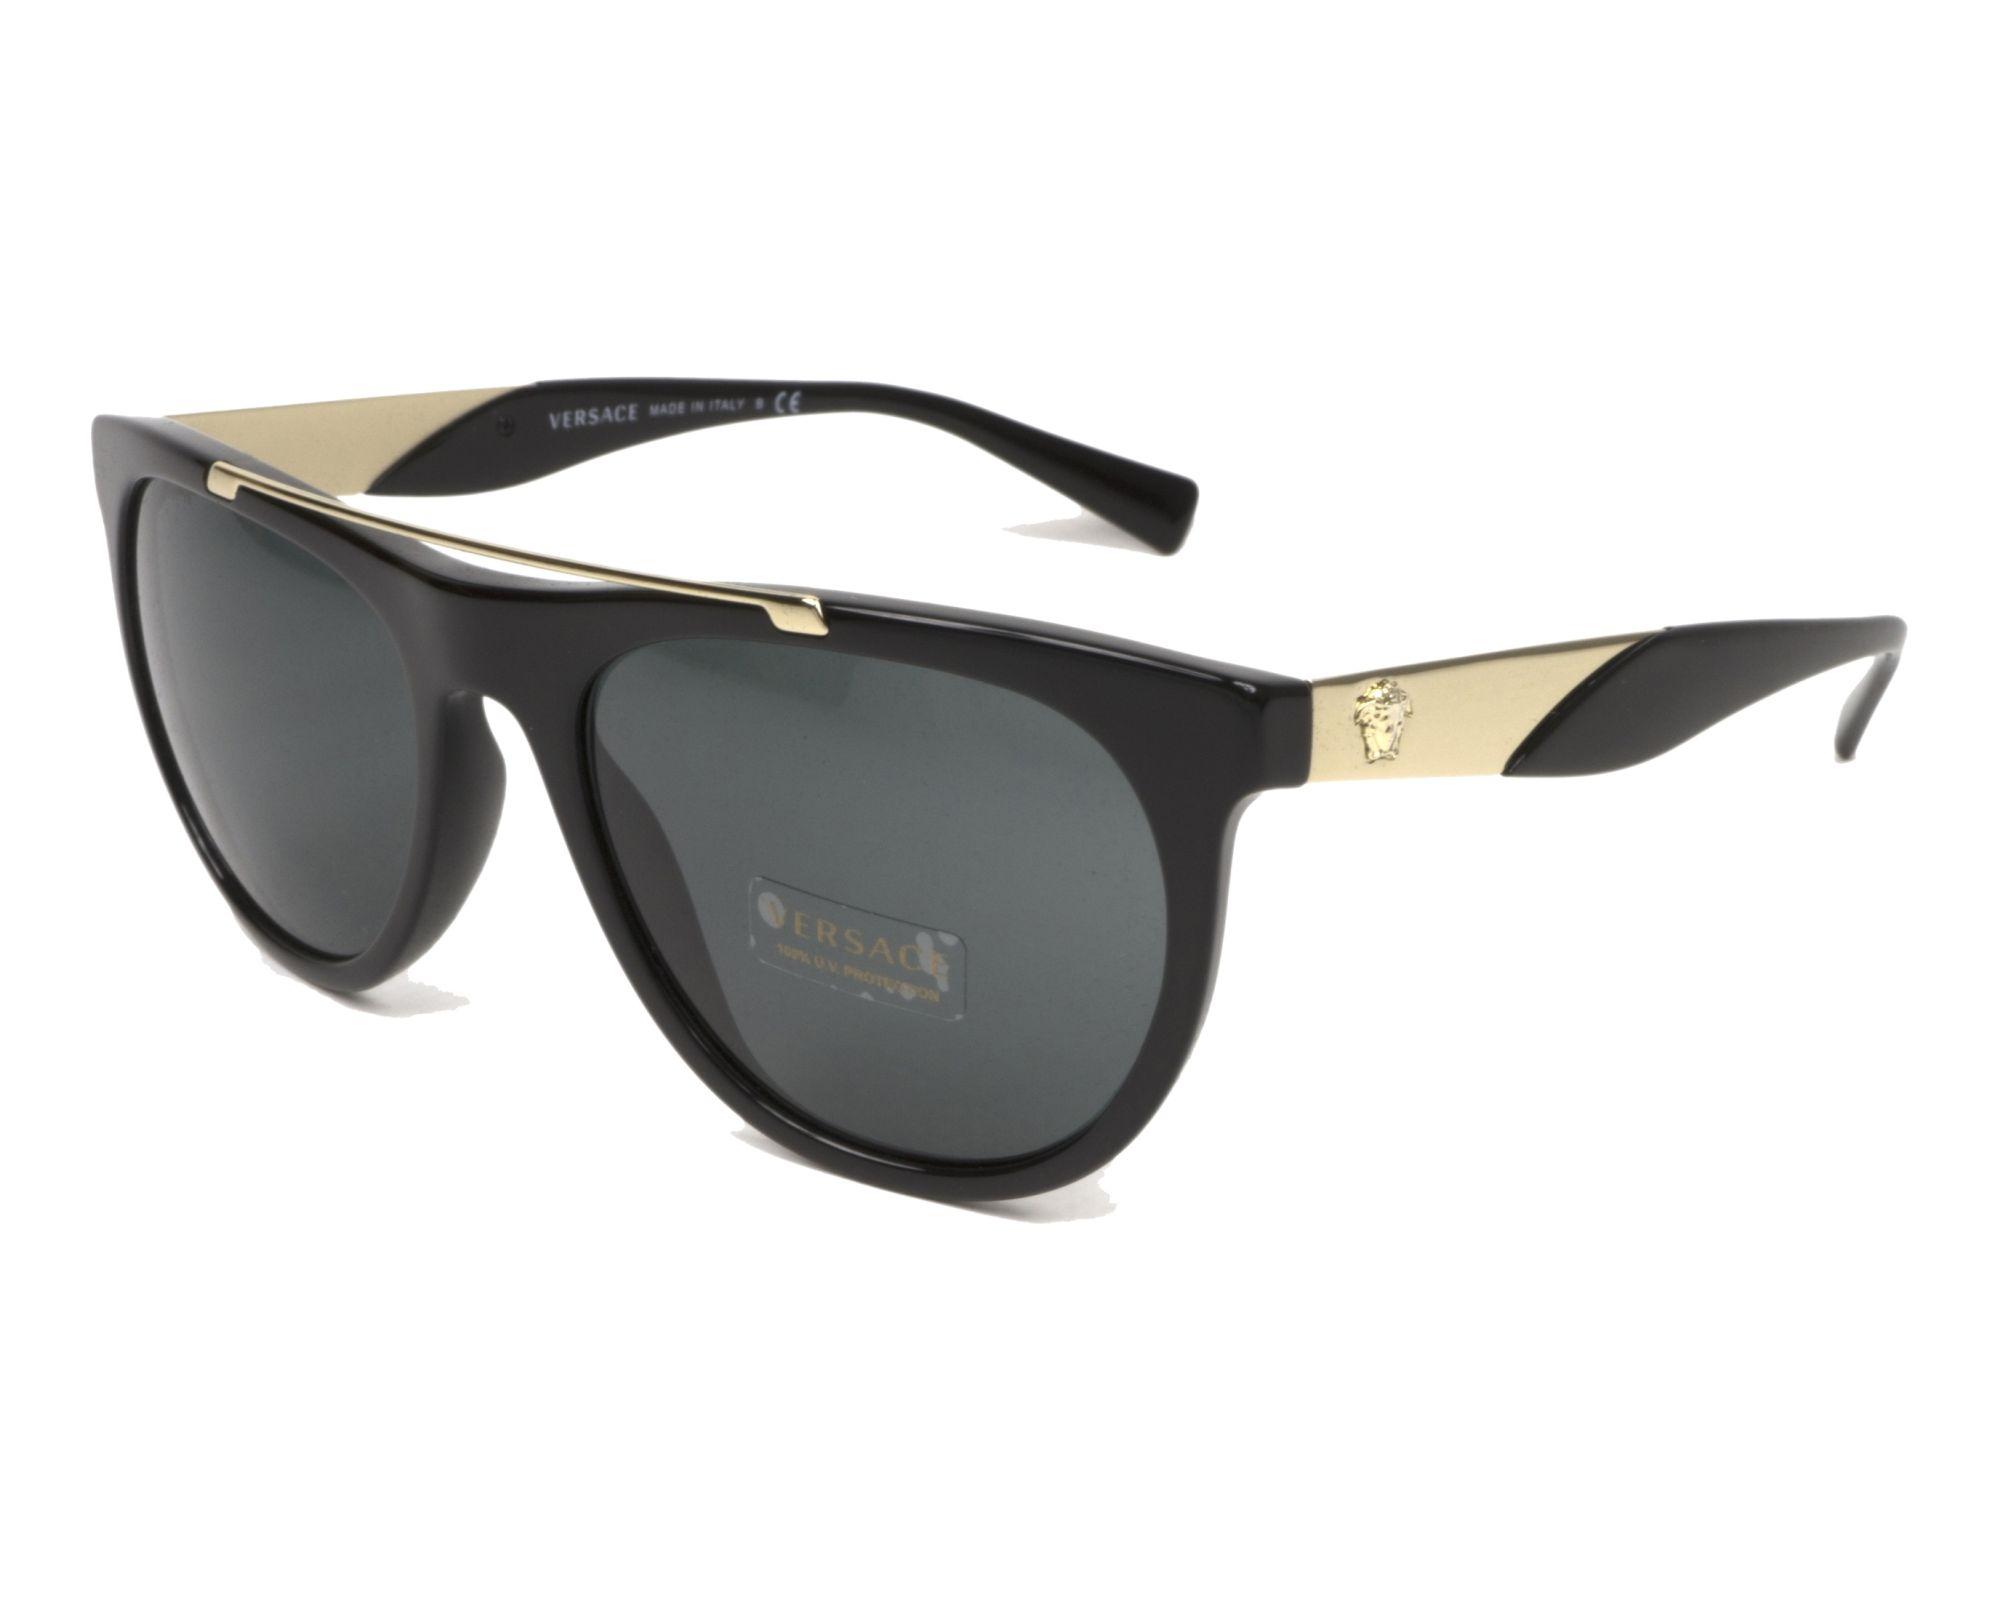 9a9f0bf2864 Lunettes de soleil Versace VE-4347 GB1 87 56-19 Noir Or vue